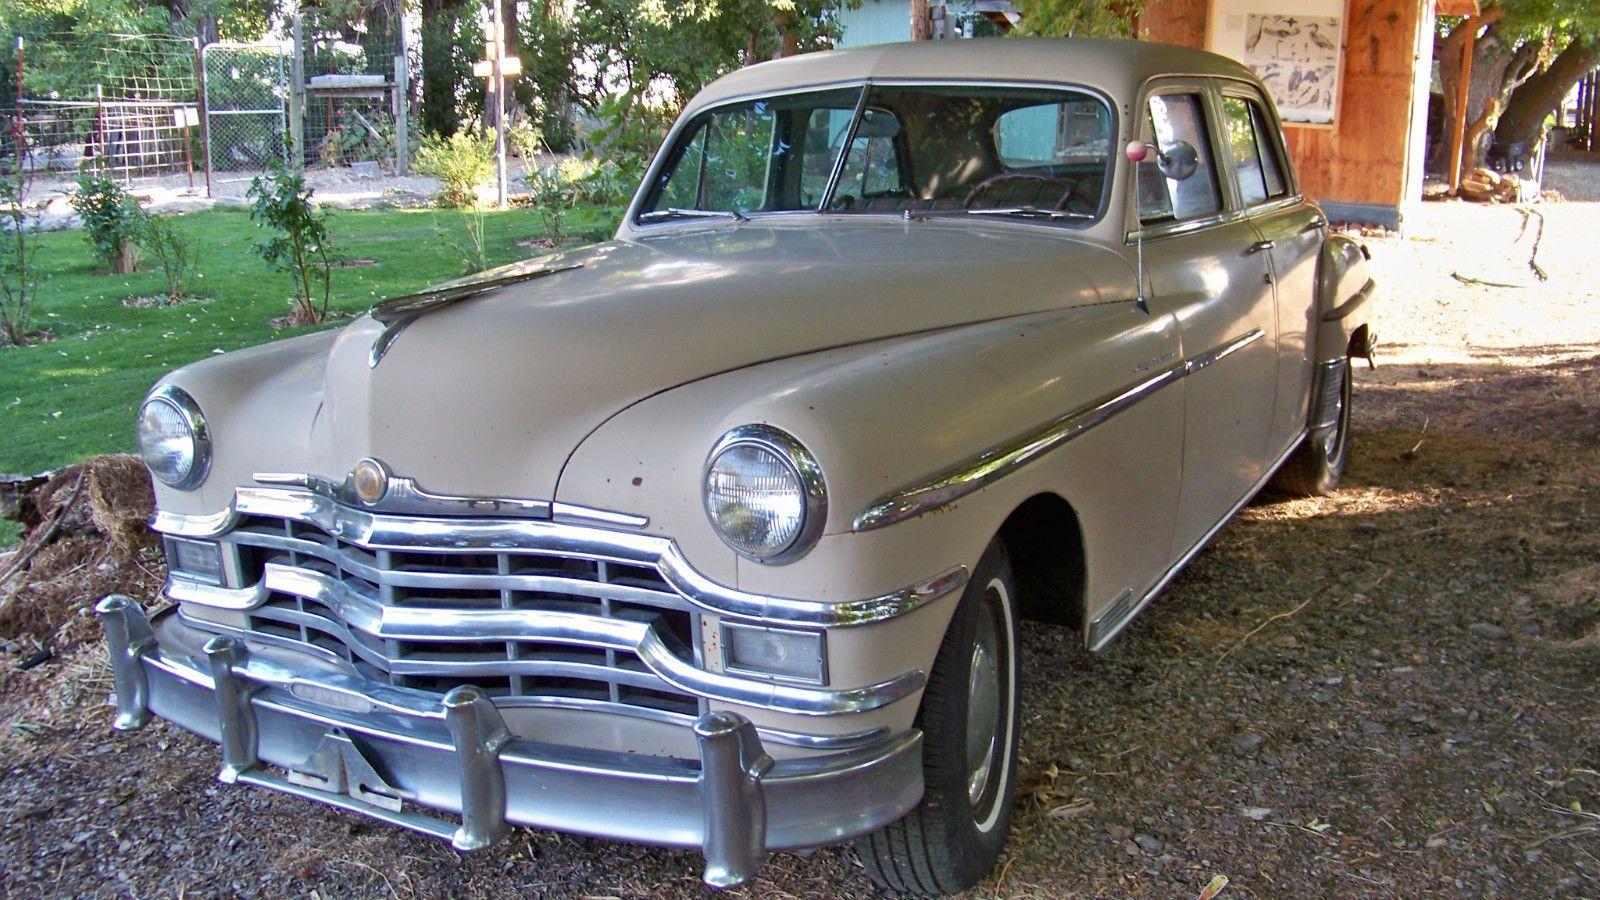 Details about 1956 Chrysler New Yorker | CHRYSLER | Chrysler cars